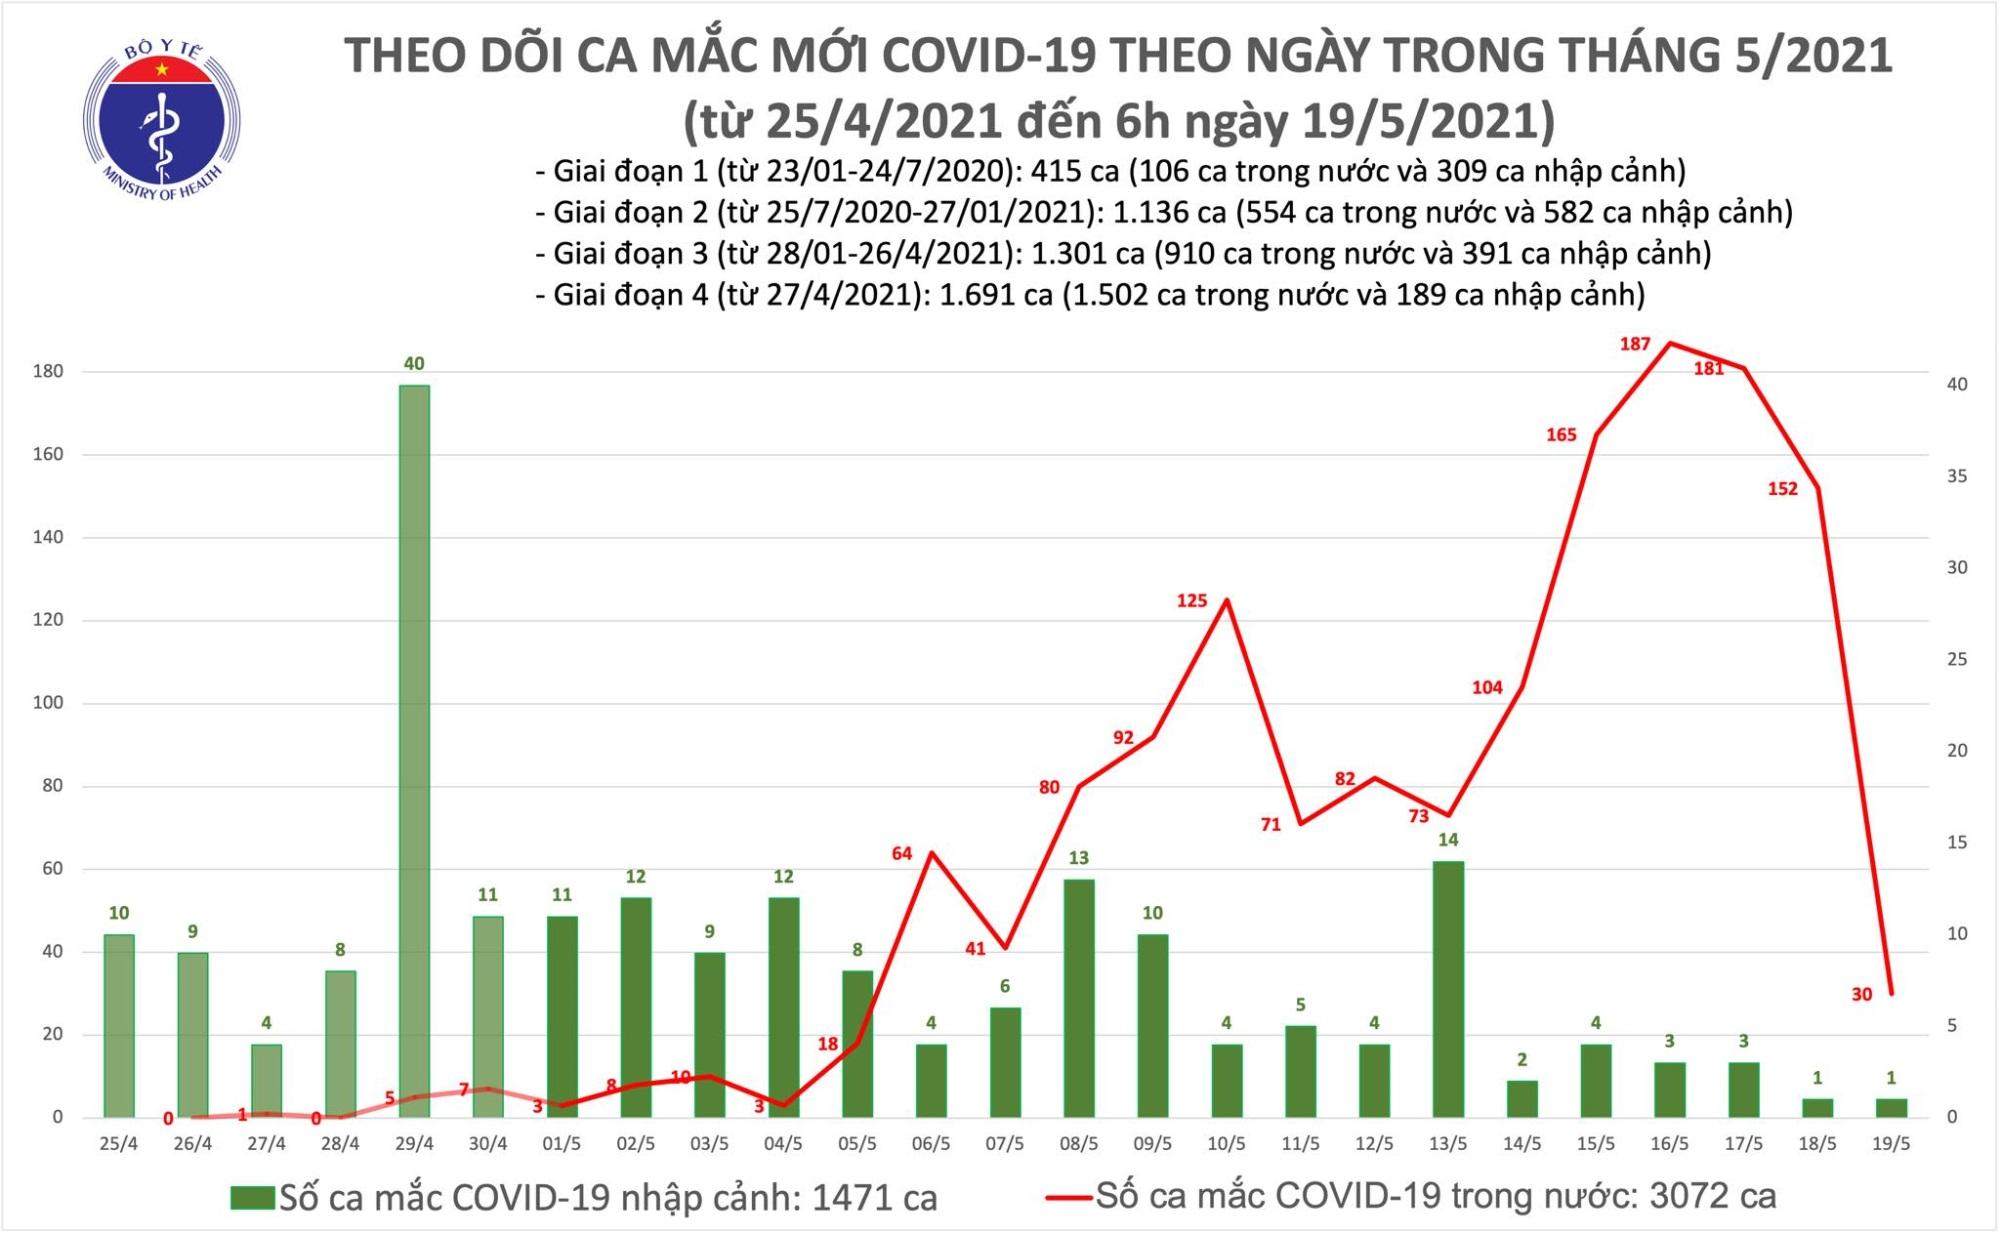 Sáng 19/5: Thêm 30 ca mắc COVID-19 trong nước, Bắc Ninh và Bắc Giang có 26 ca - Ảnh 1